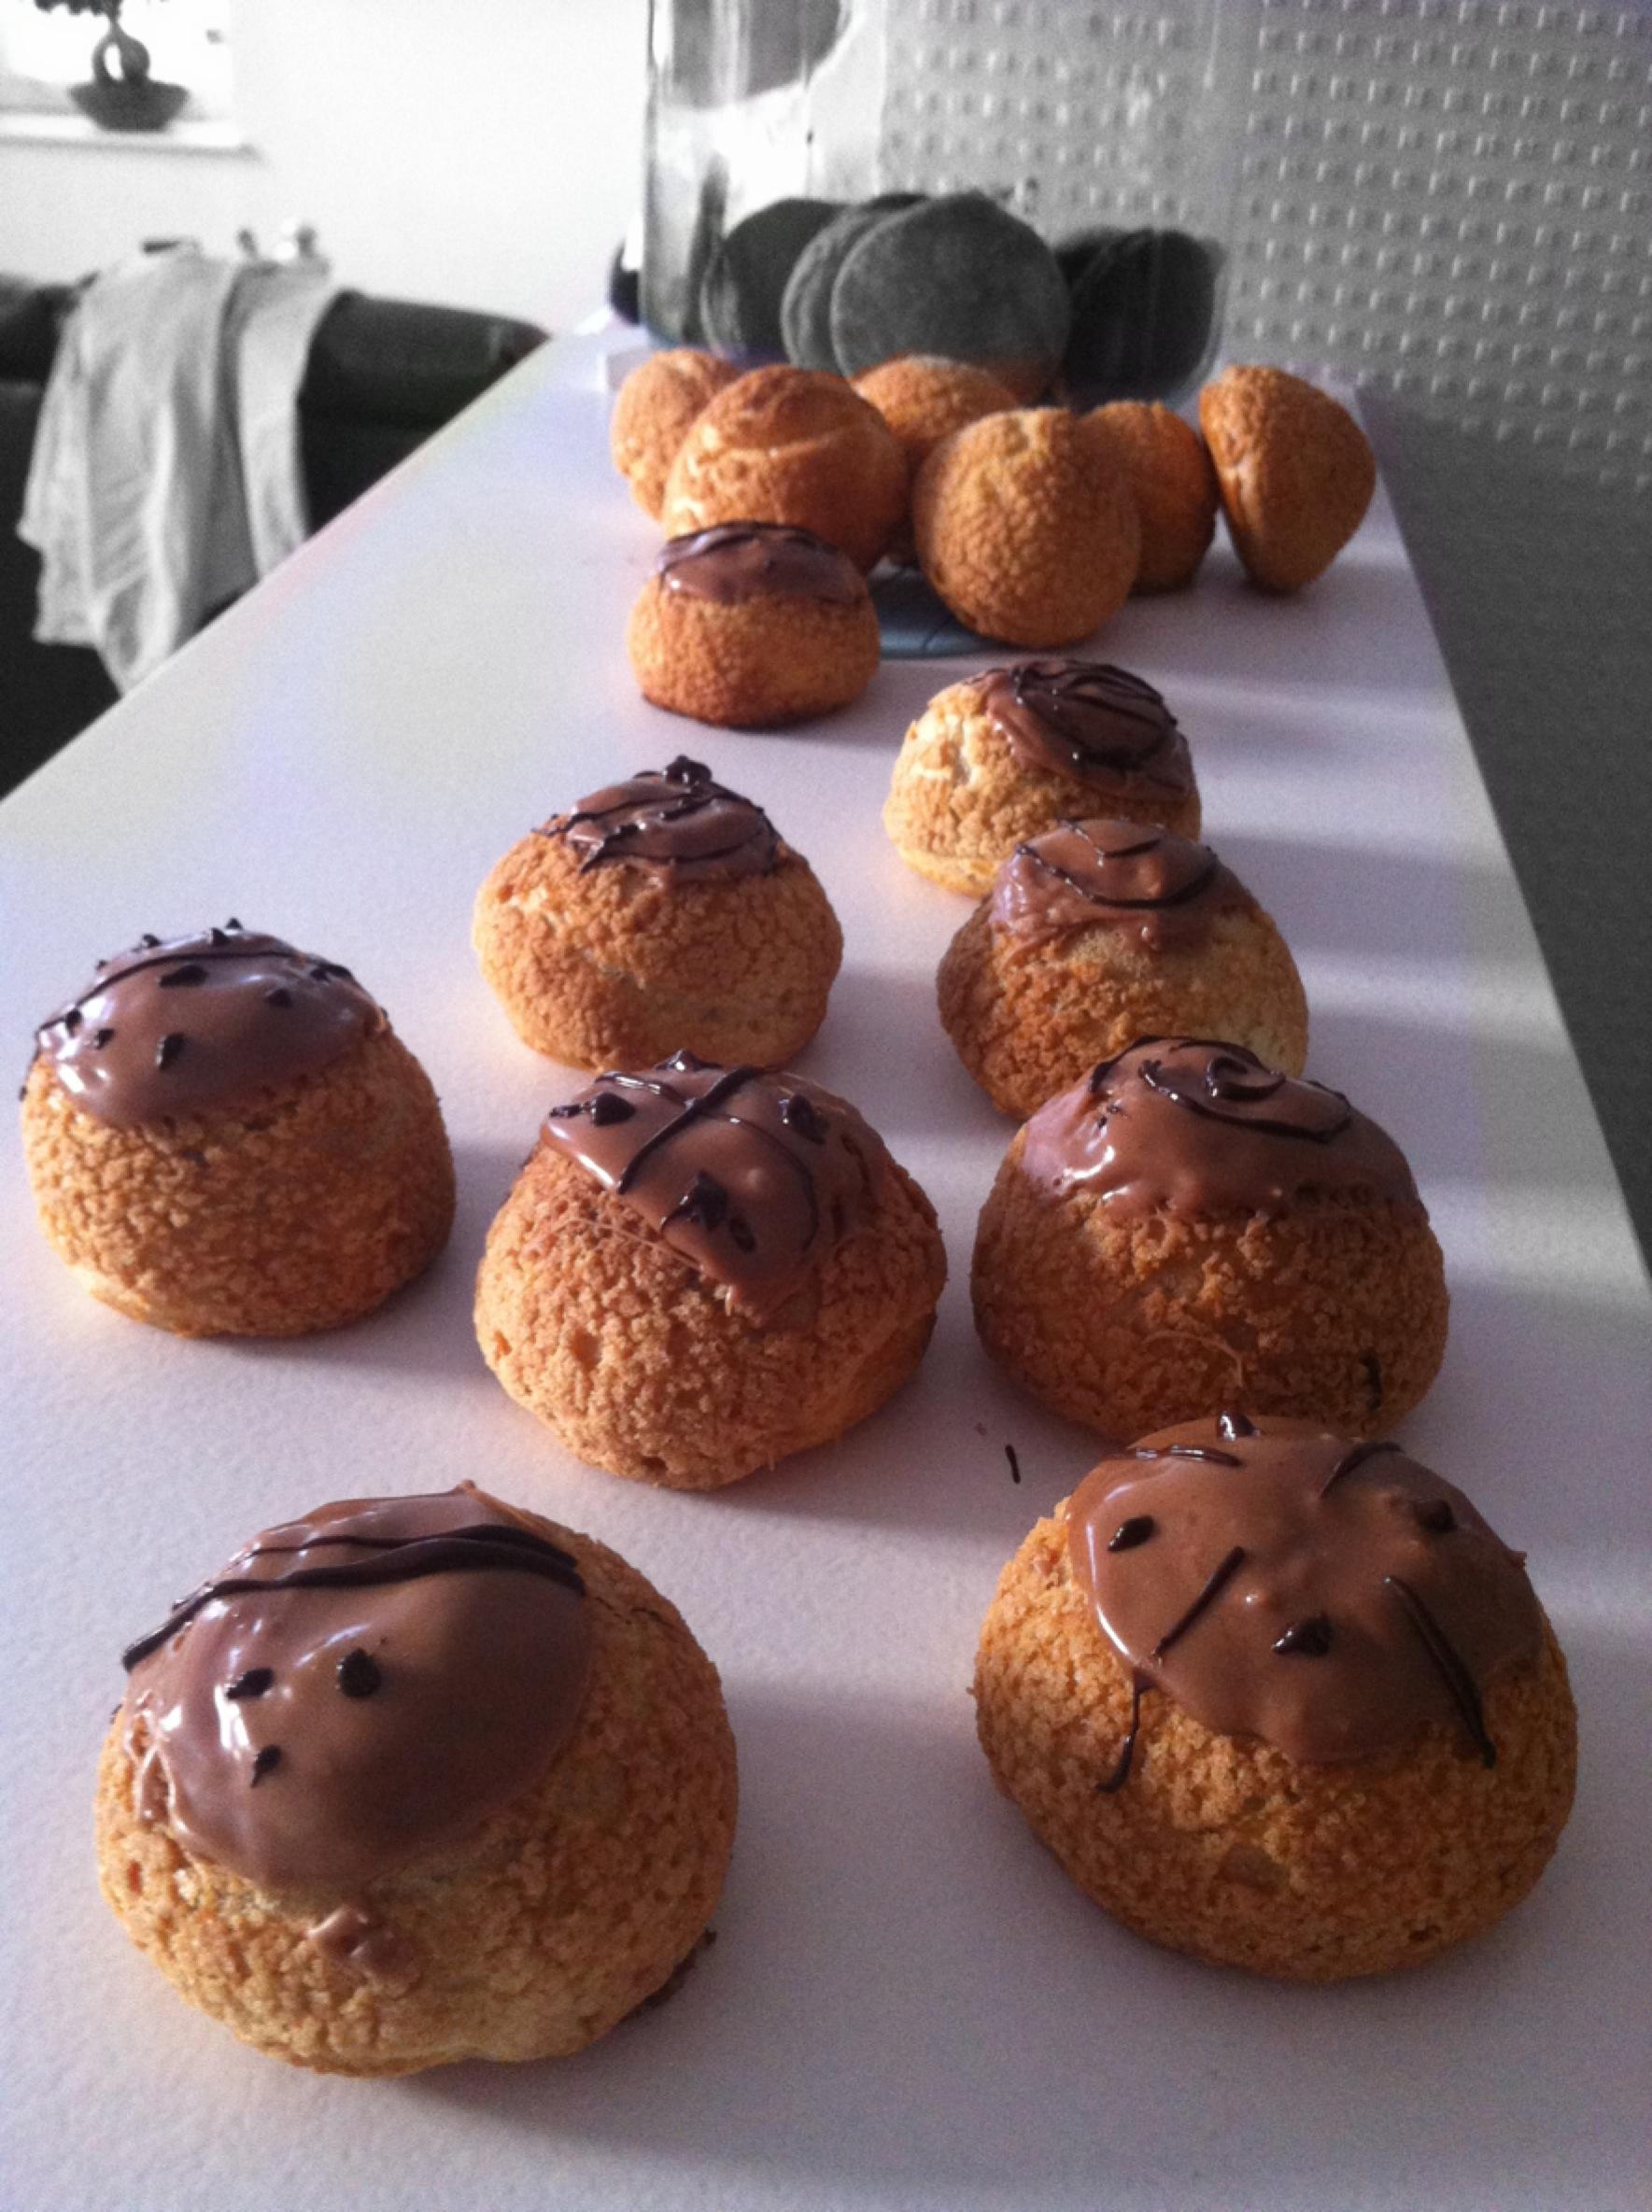 Choux craquelins, crème pâtissière aux marrons